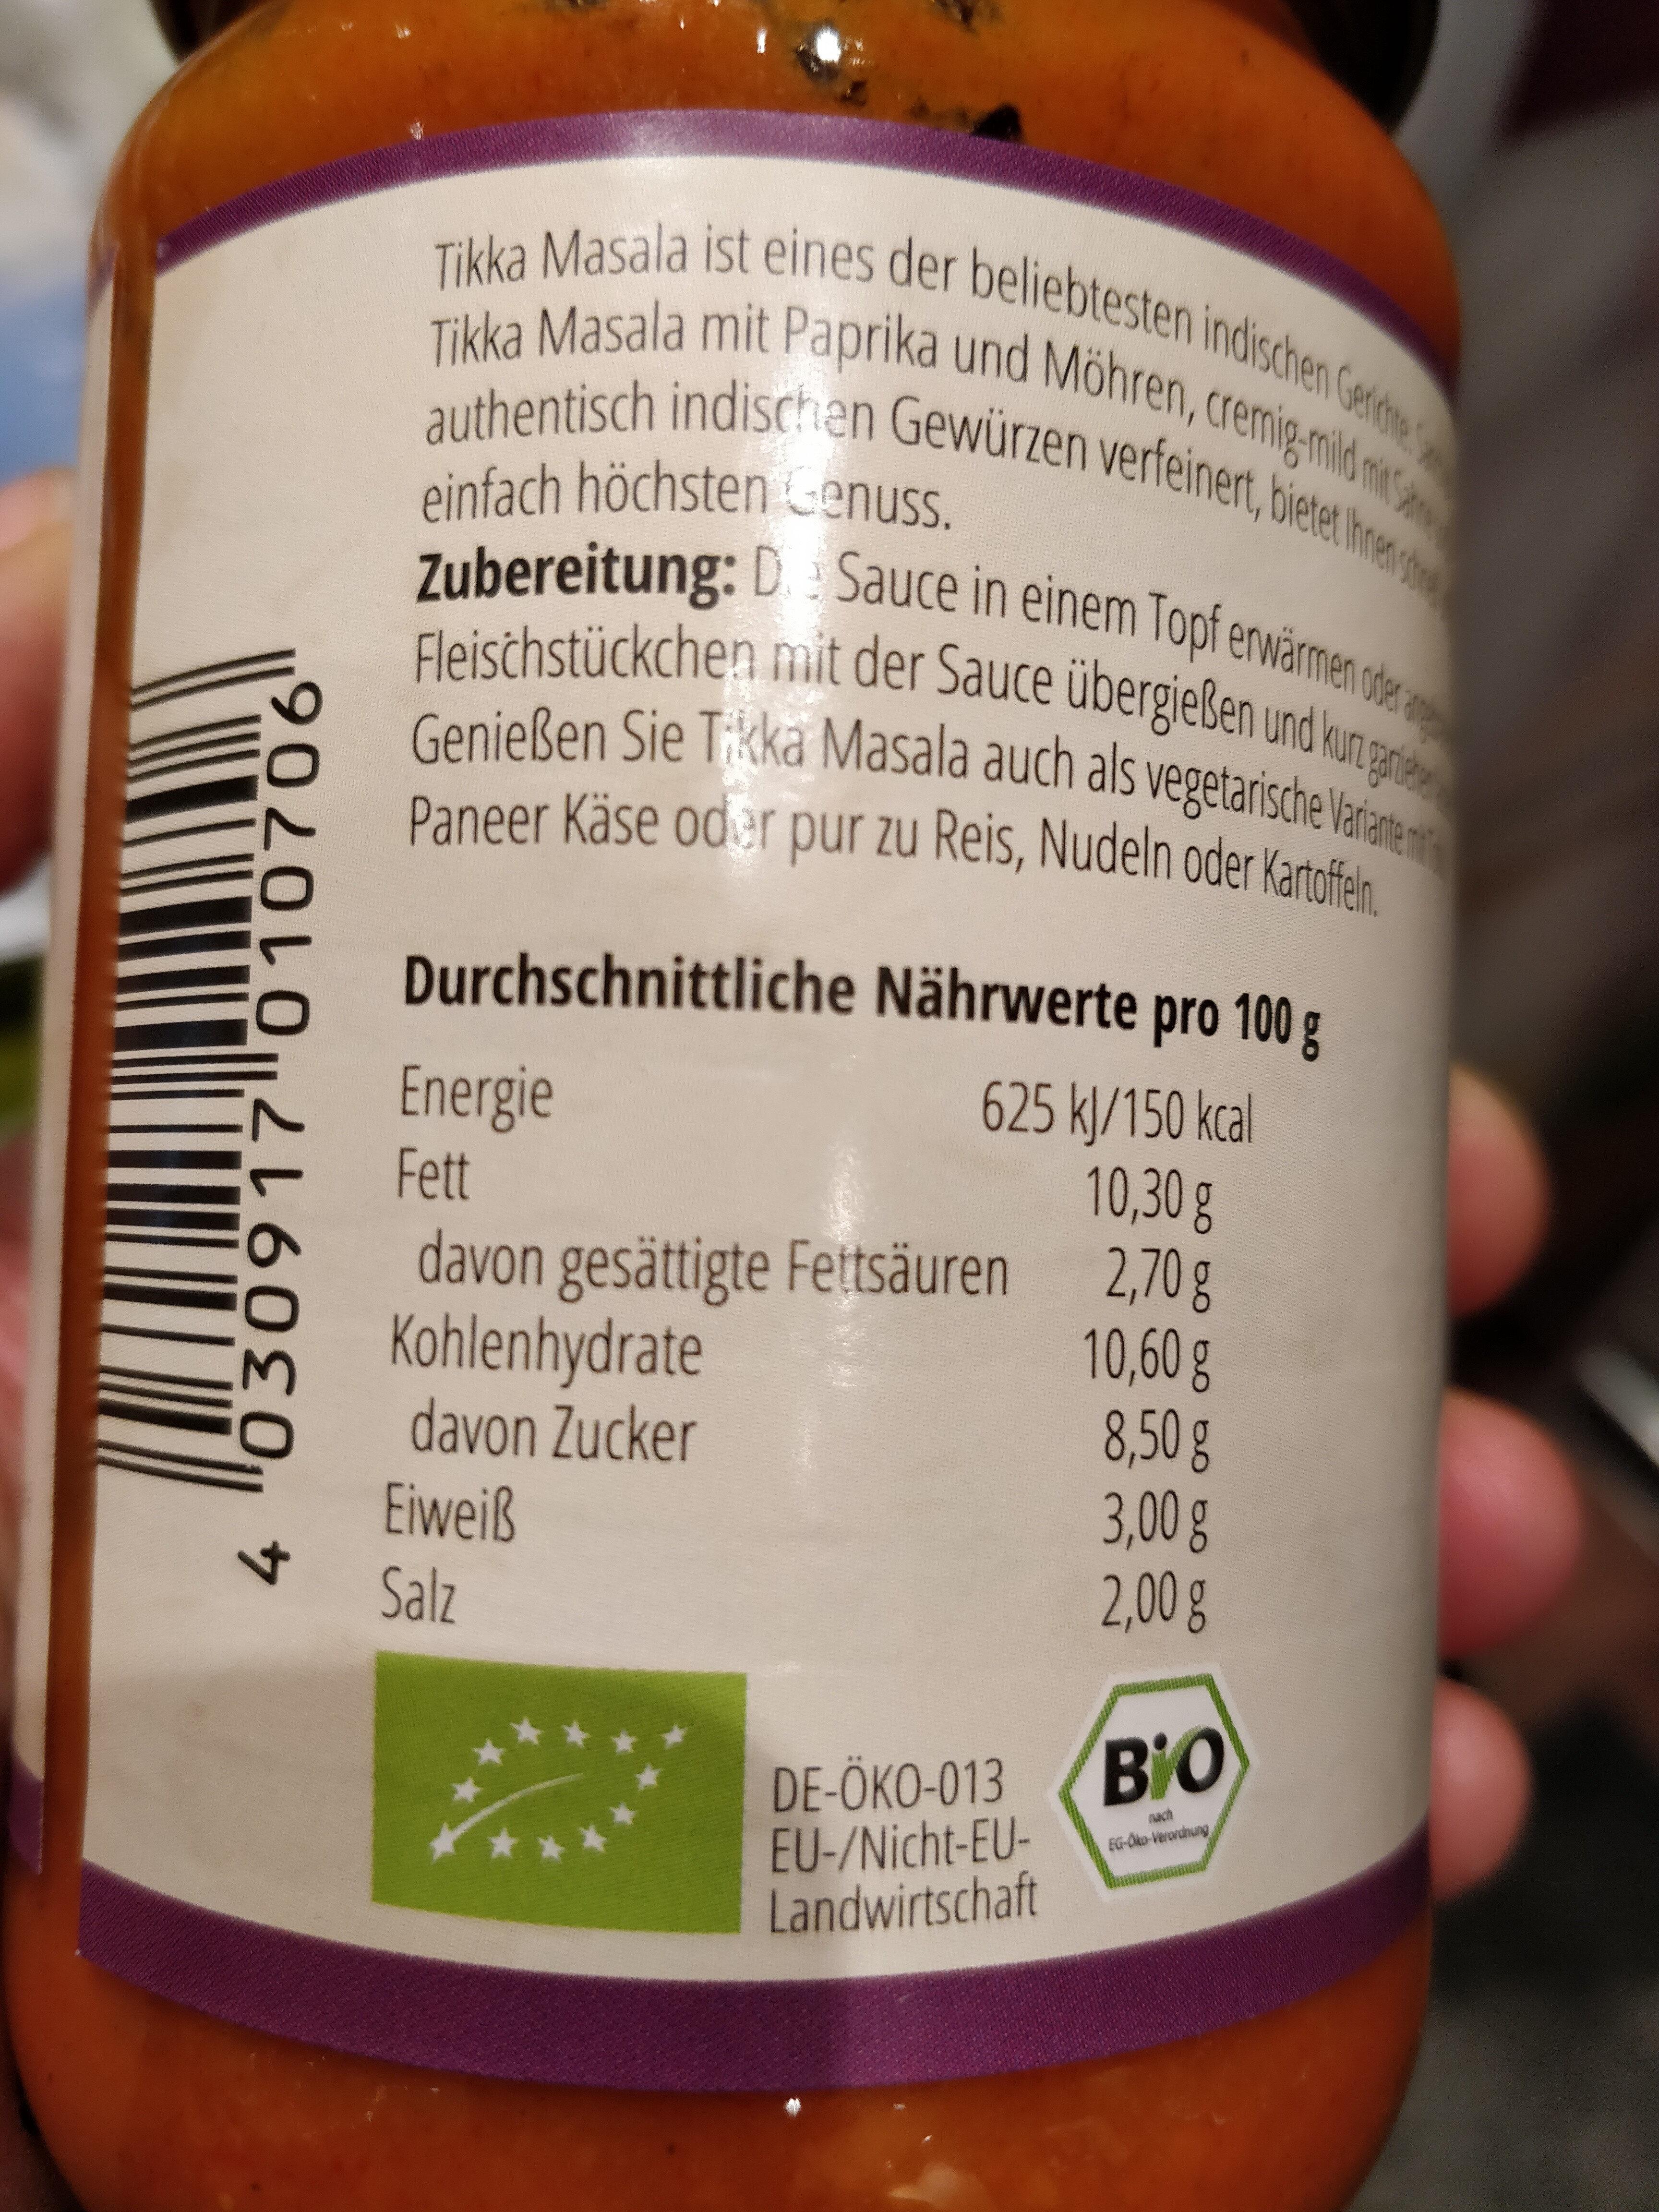 Tikka Masala - Nutrition facts